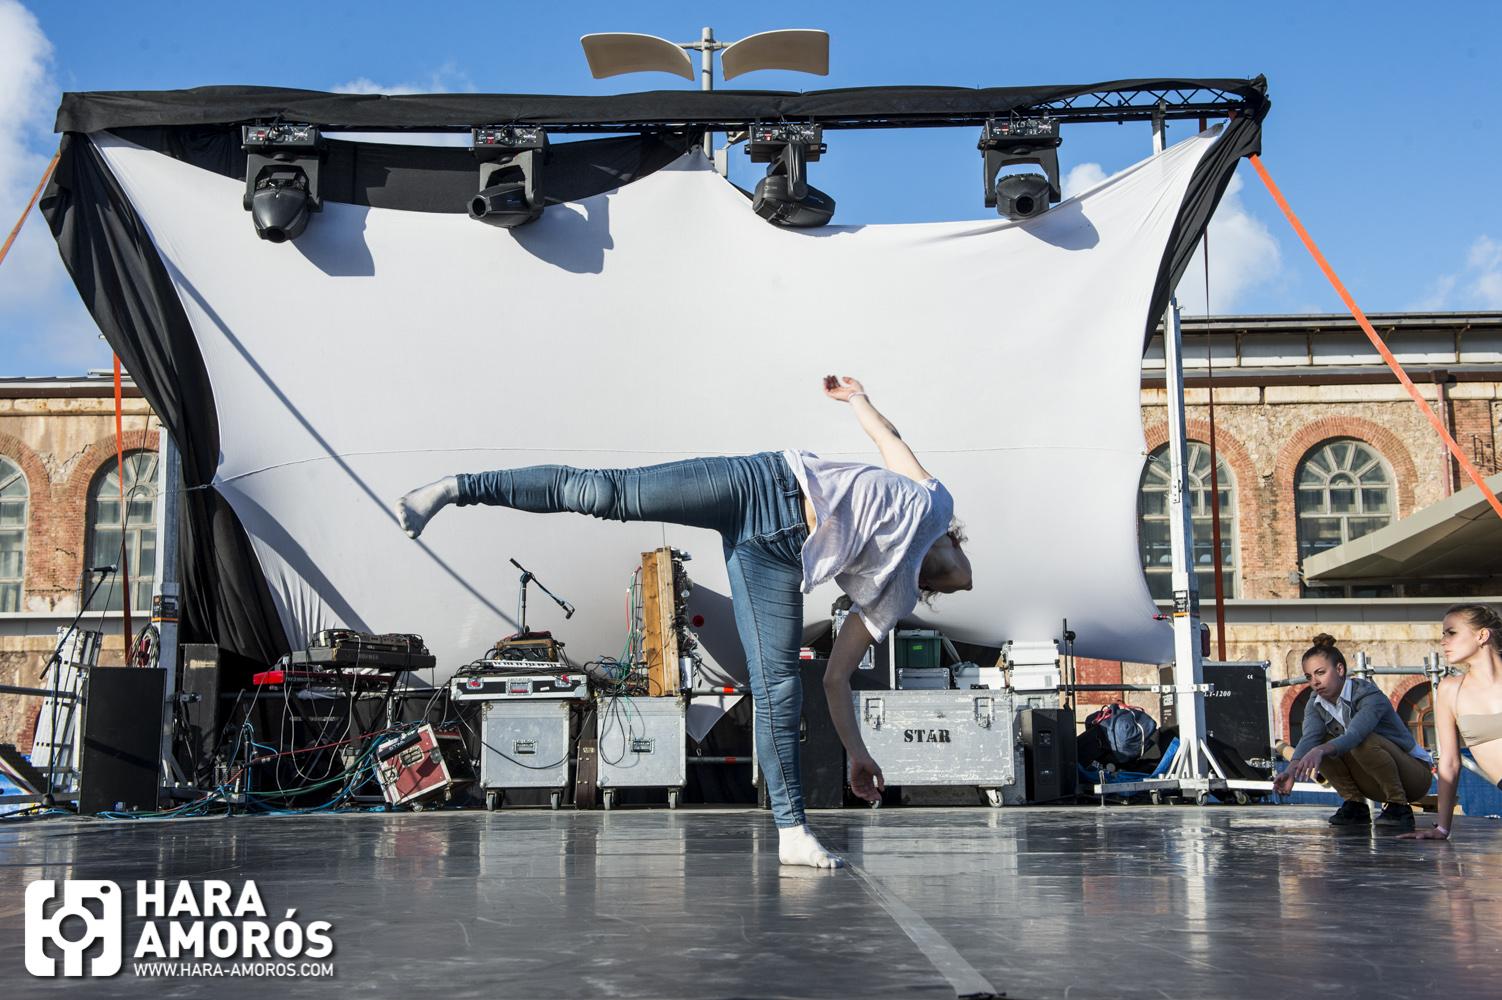 MBC_HD08 - domingo - 0 Escenicas-Ambiente - © Hara Amorós